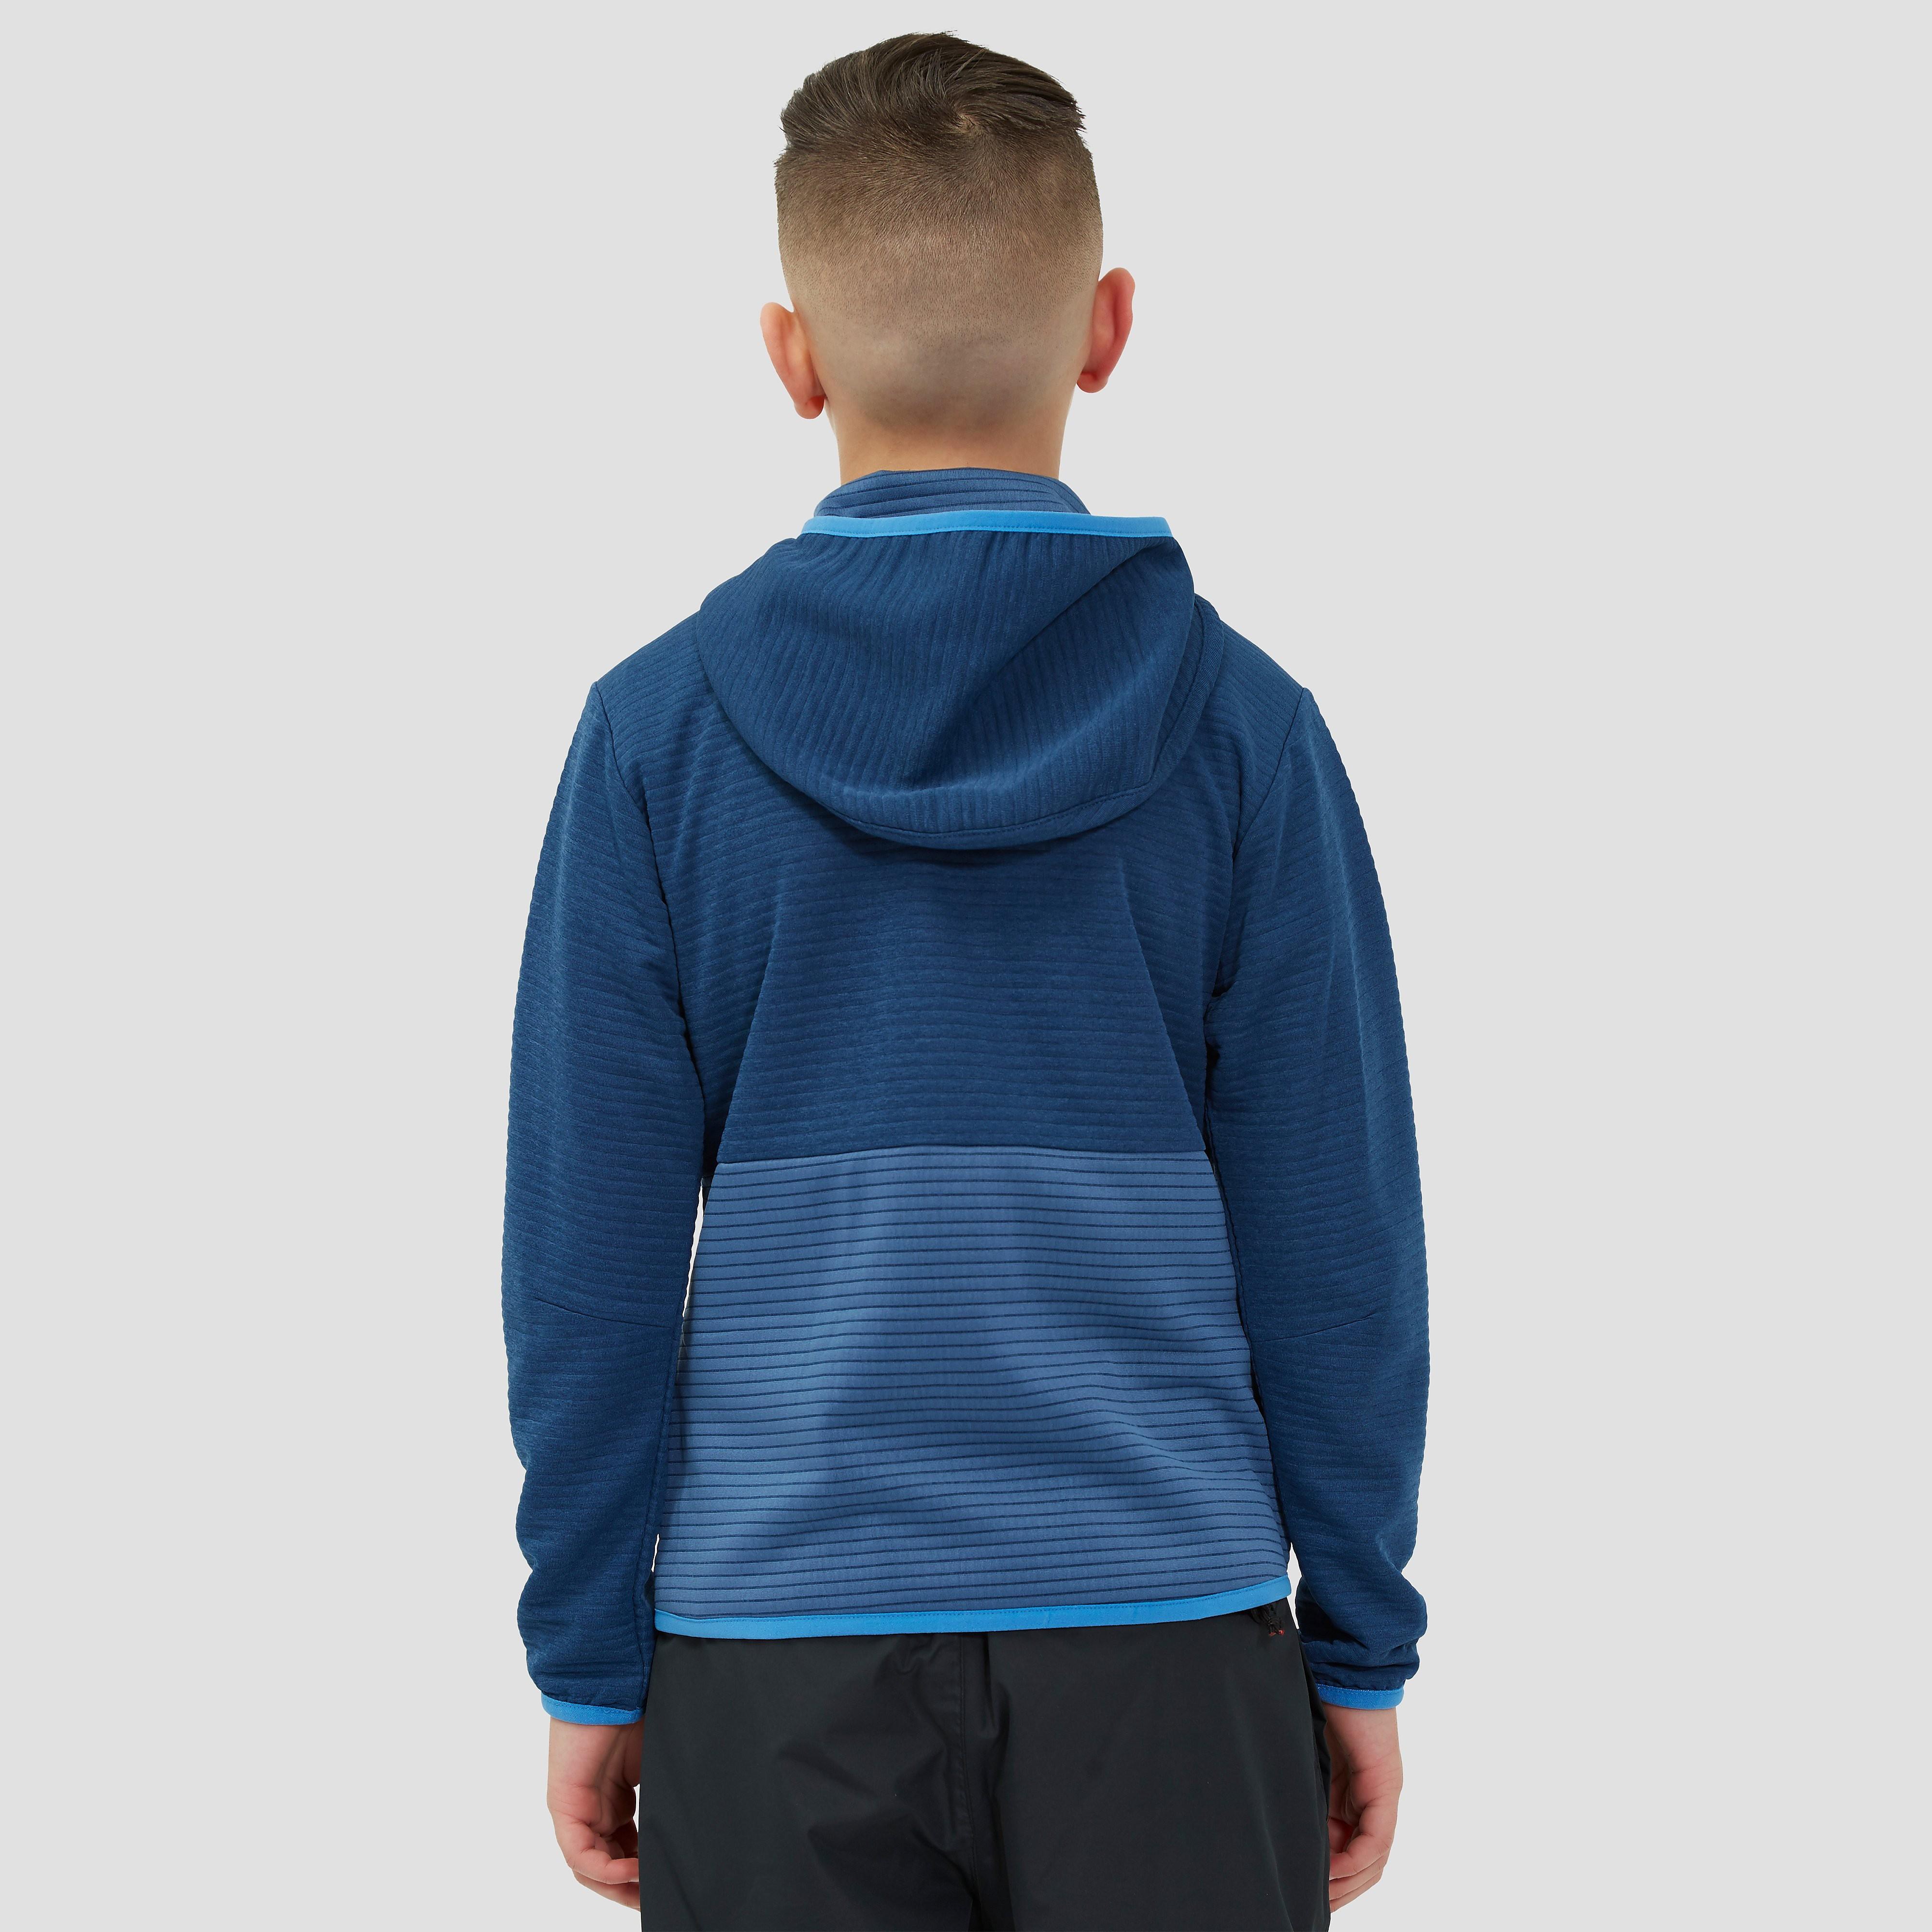 Jack Wolfskin Tongari Fleece Junior Jacket